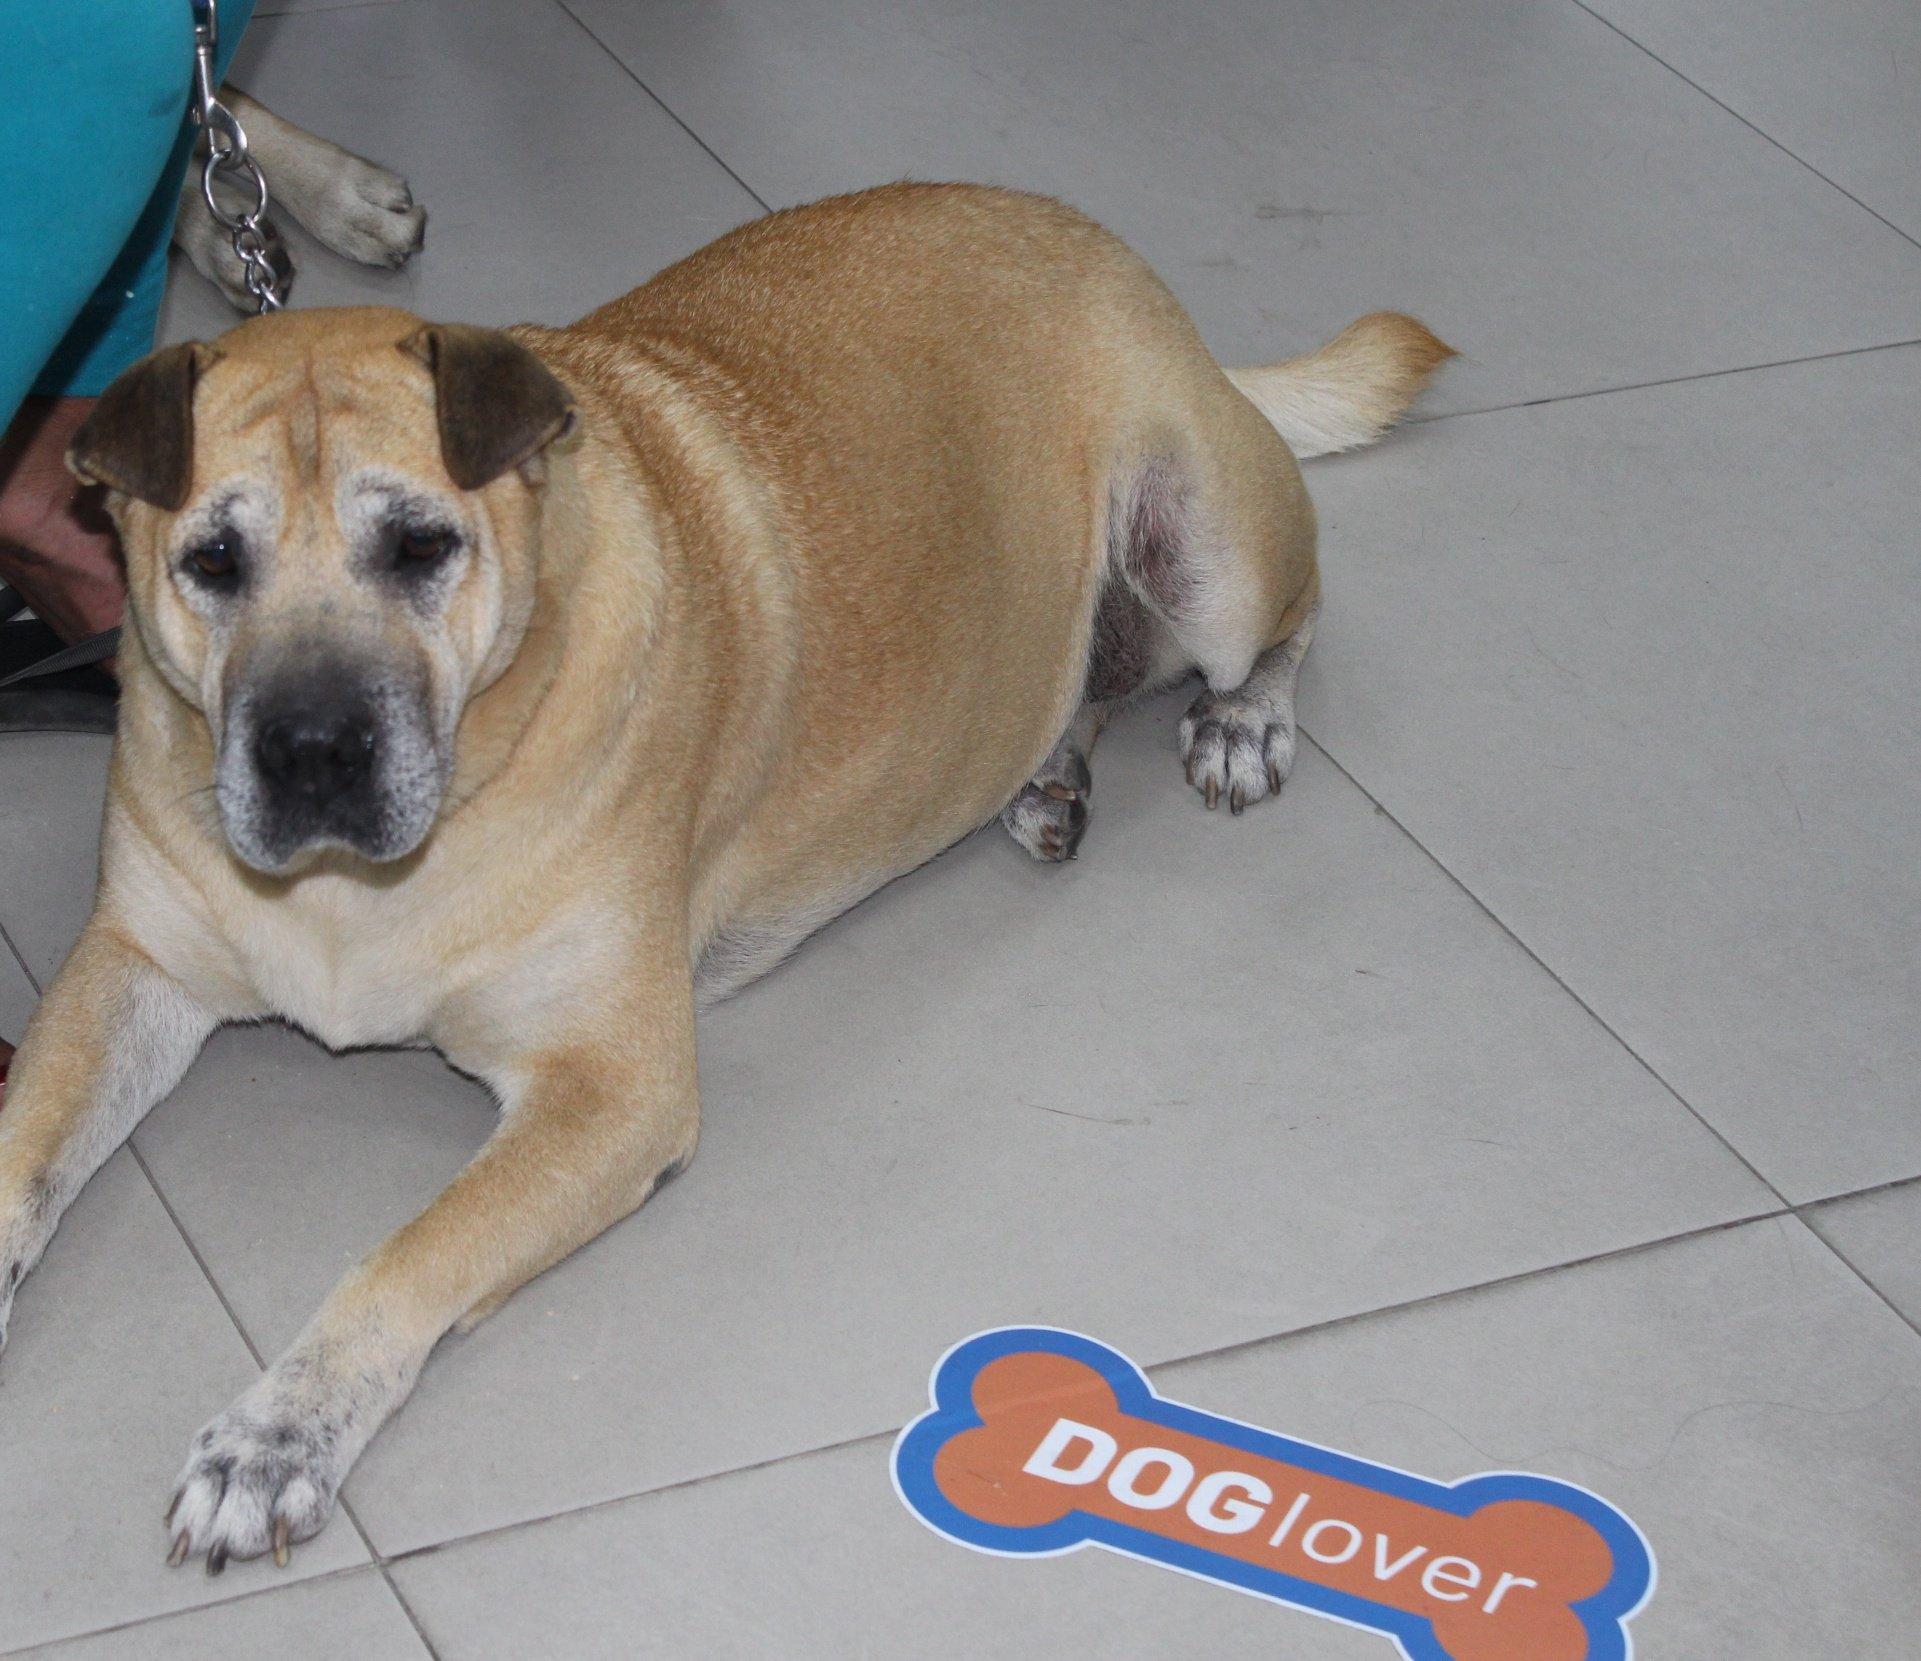 entel-dog-lover